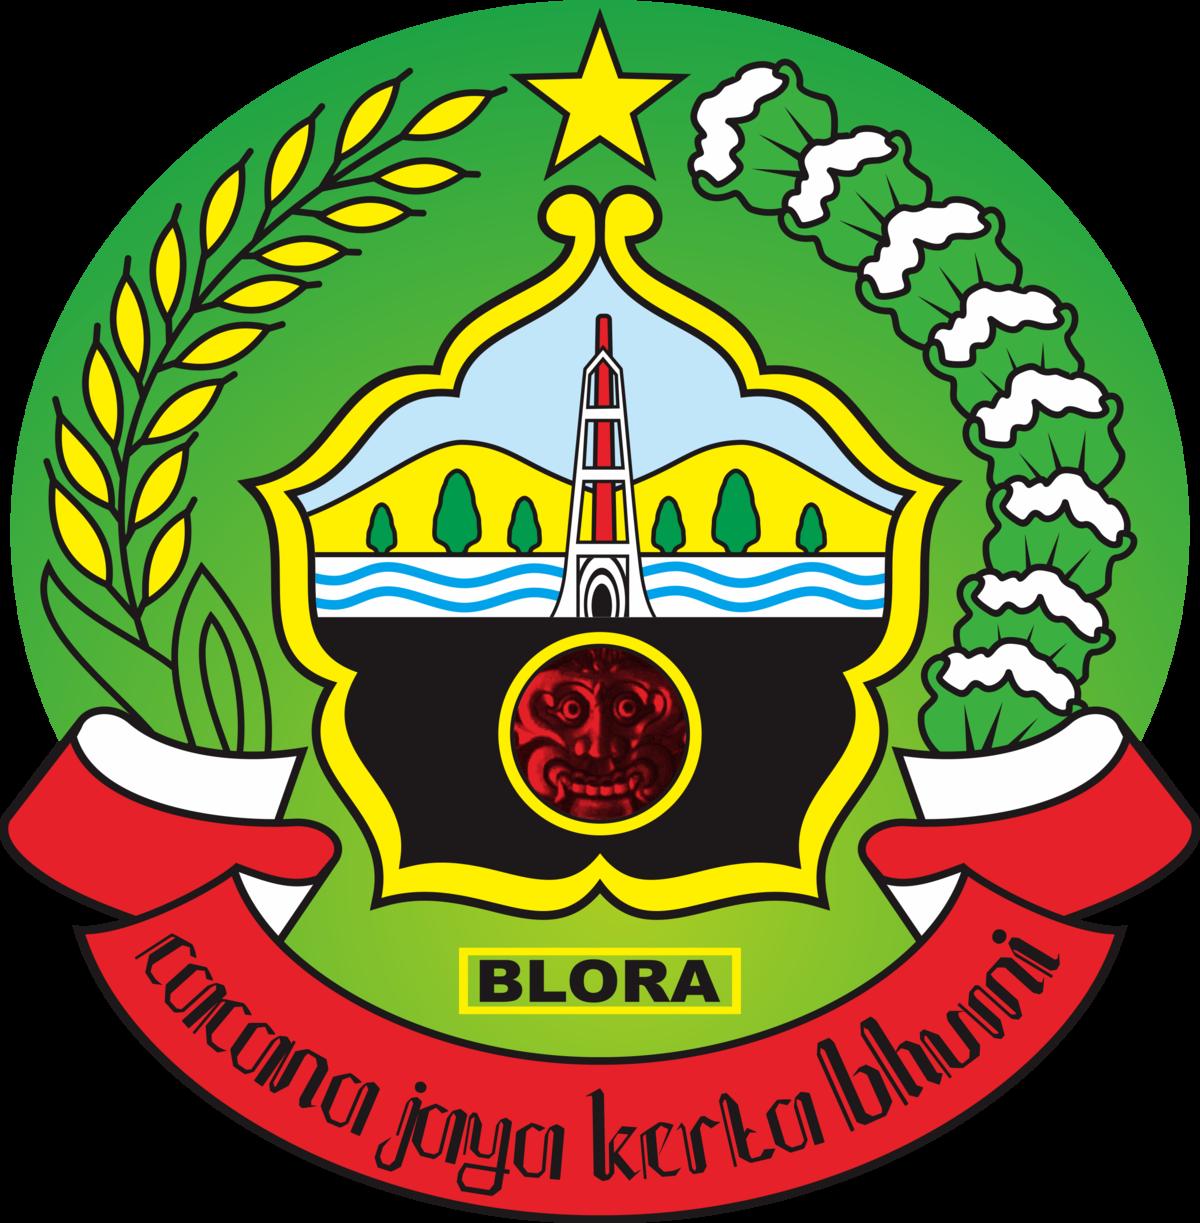 Kabupaten Blora Wikipedia Bahasa Indonesia Ensiklopedia Bebas Monumen Hutan Jati